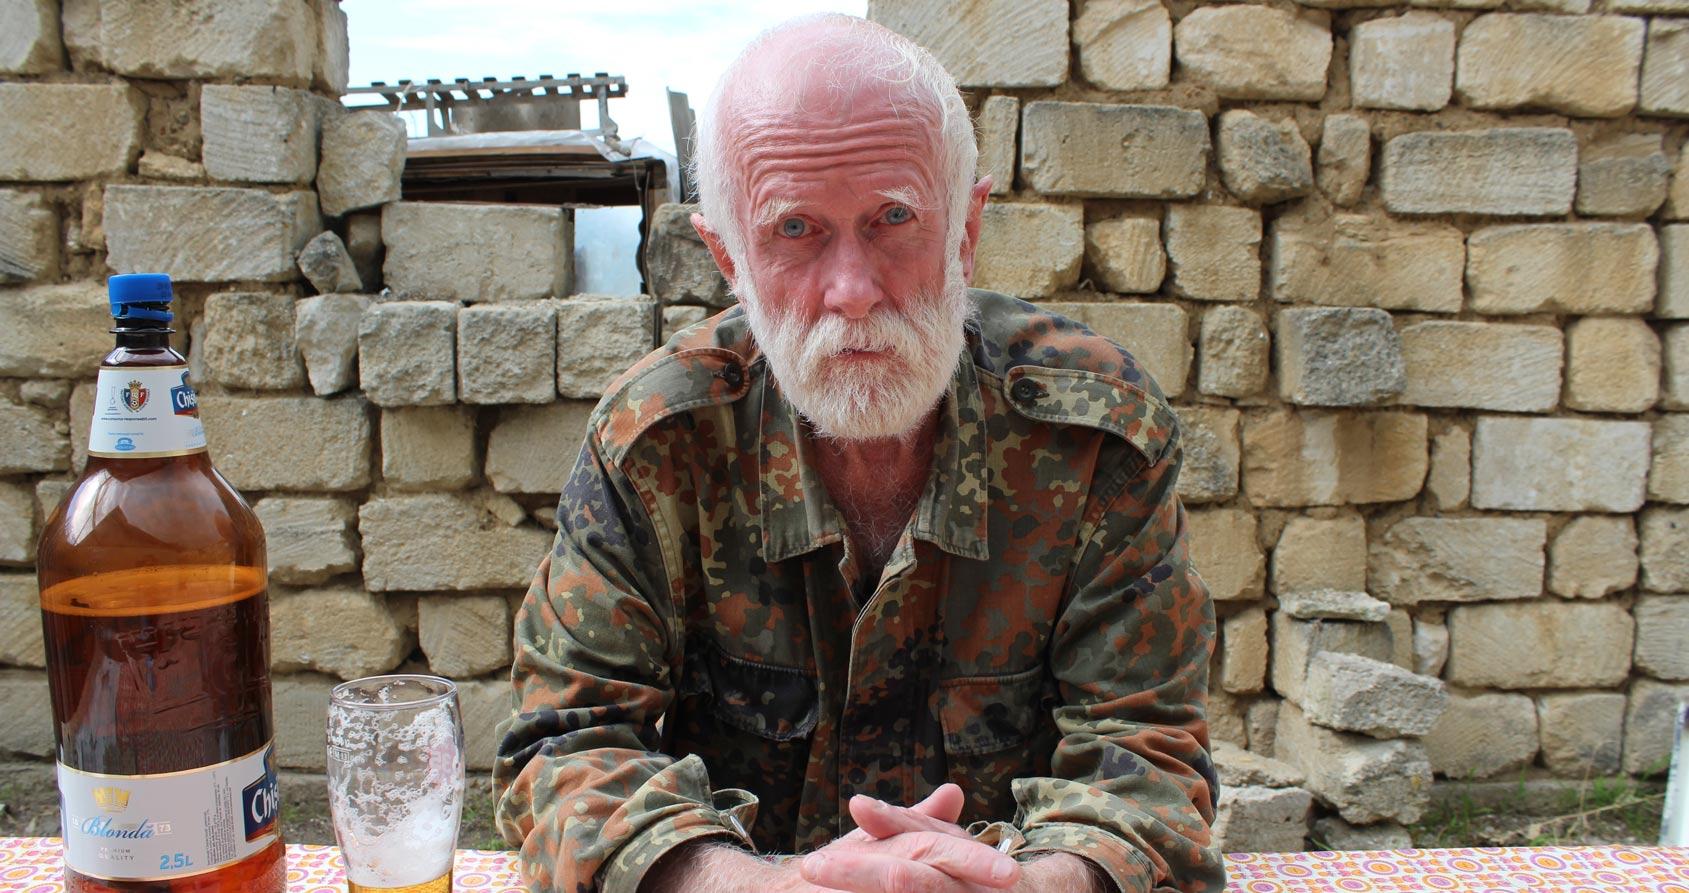 Cet homme a été agent du KGB, pilote de chasse et tourneur pour Police et Depeche Mode, avant de s'exiler en Transnistrie